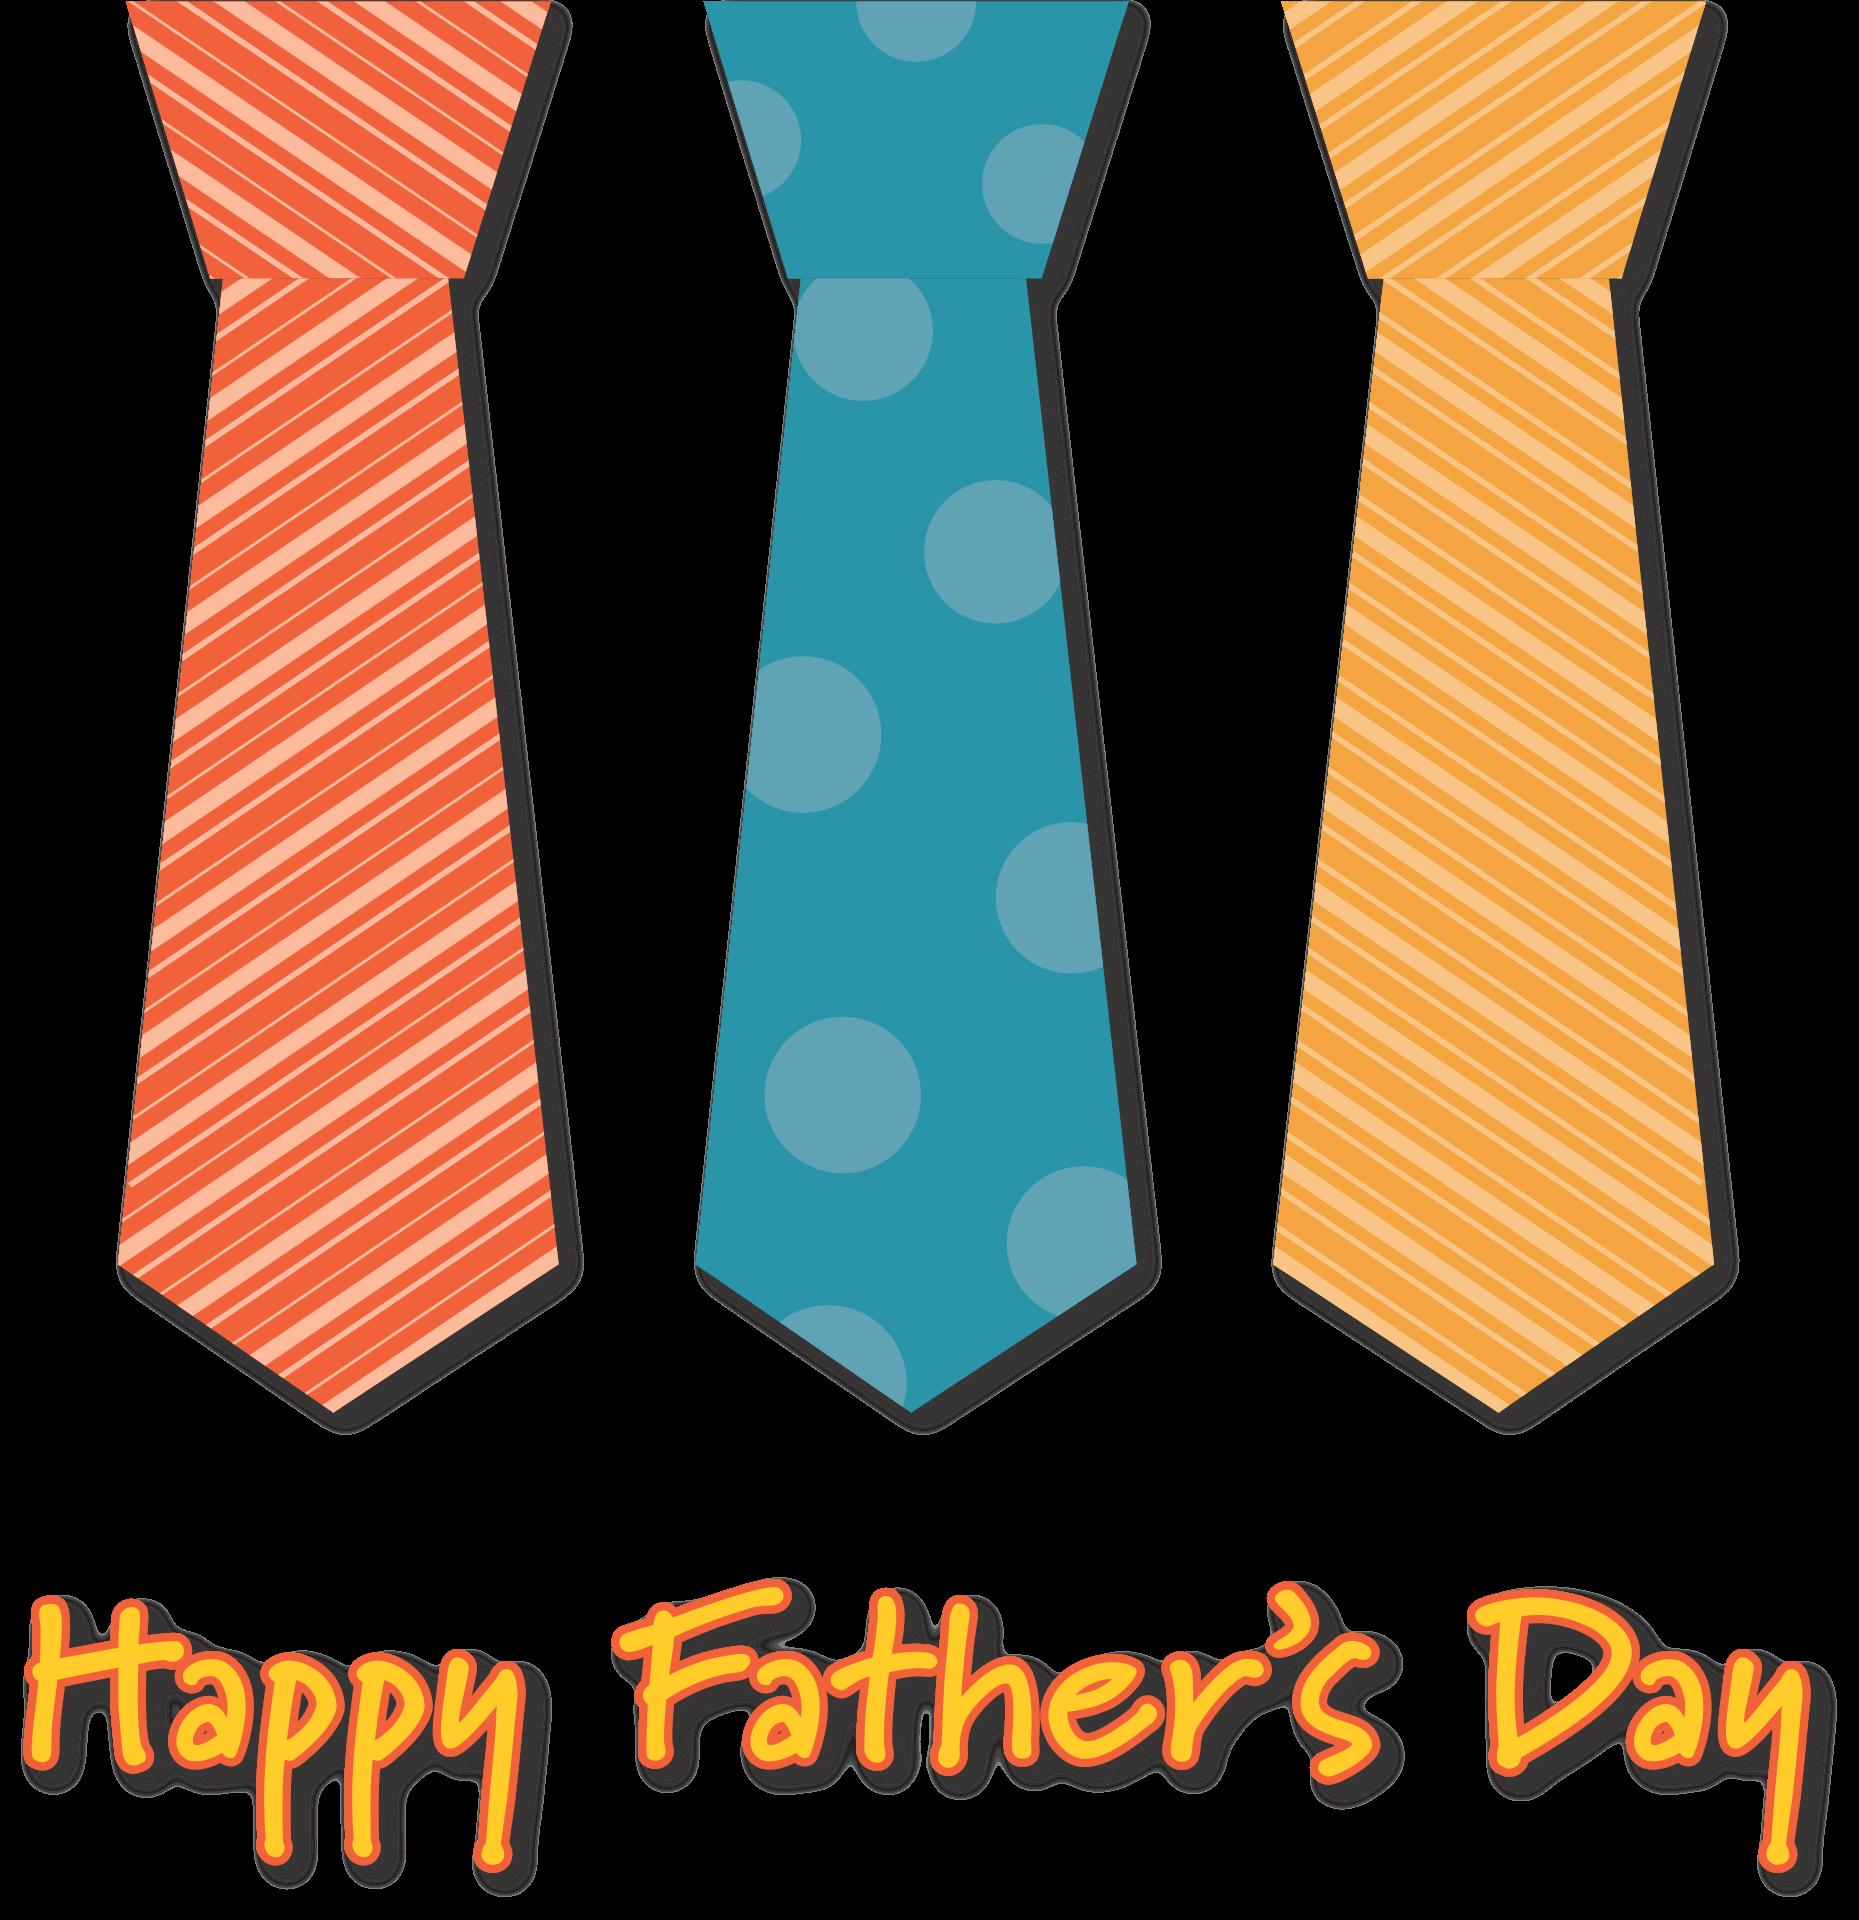 personali fathers day treat - HD1859×1920